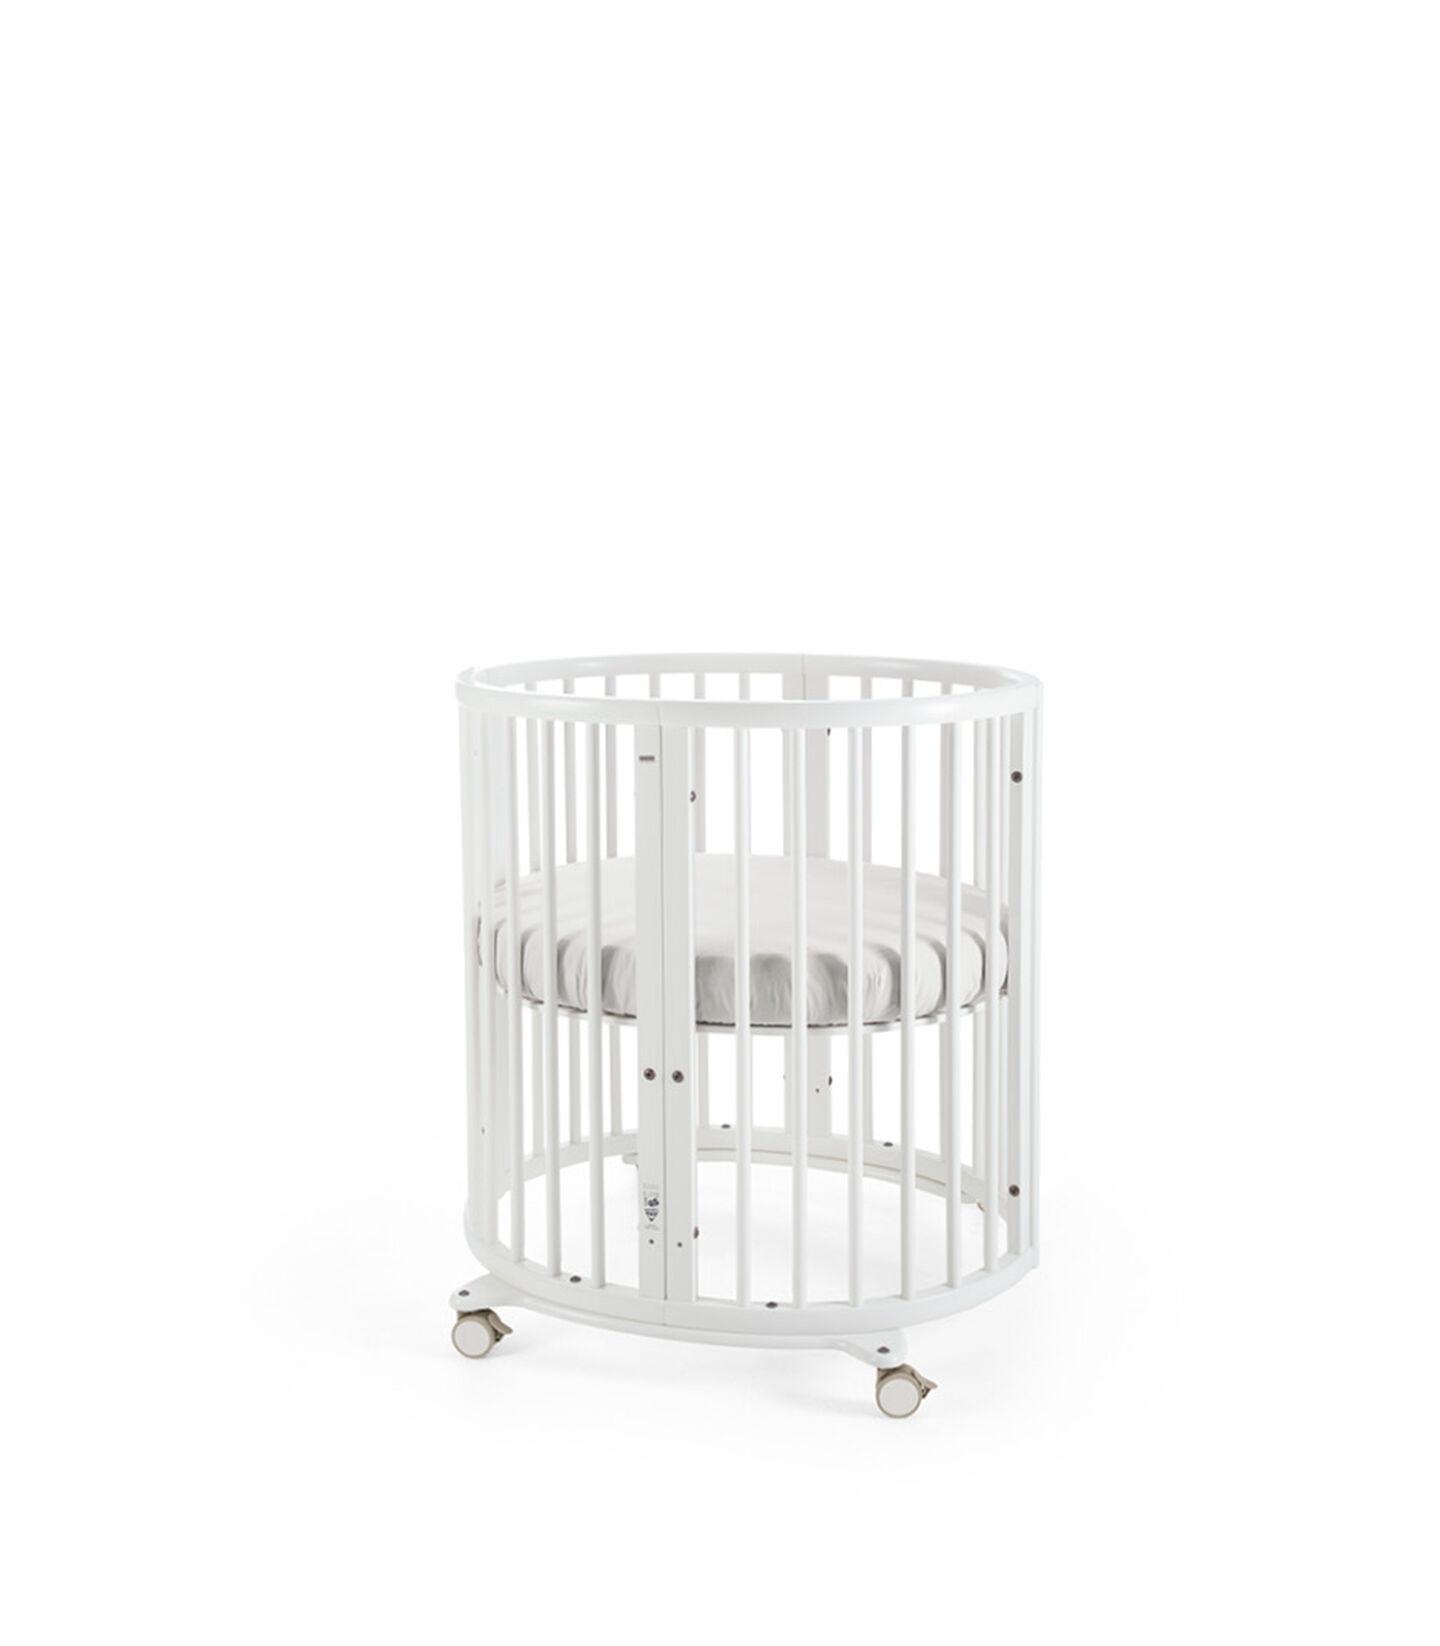 Stokke® Sleepi™ Mini - Łóżko mini White, White, mainview view 2